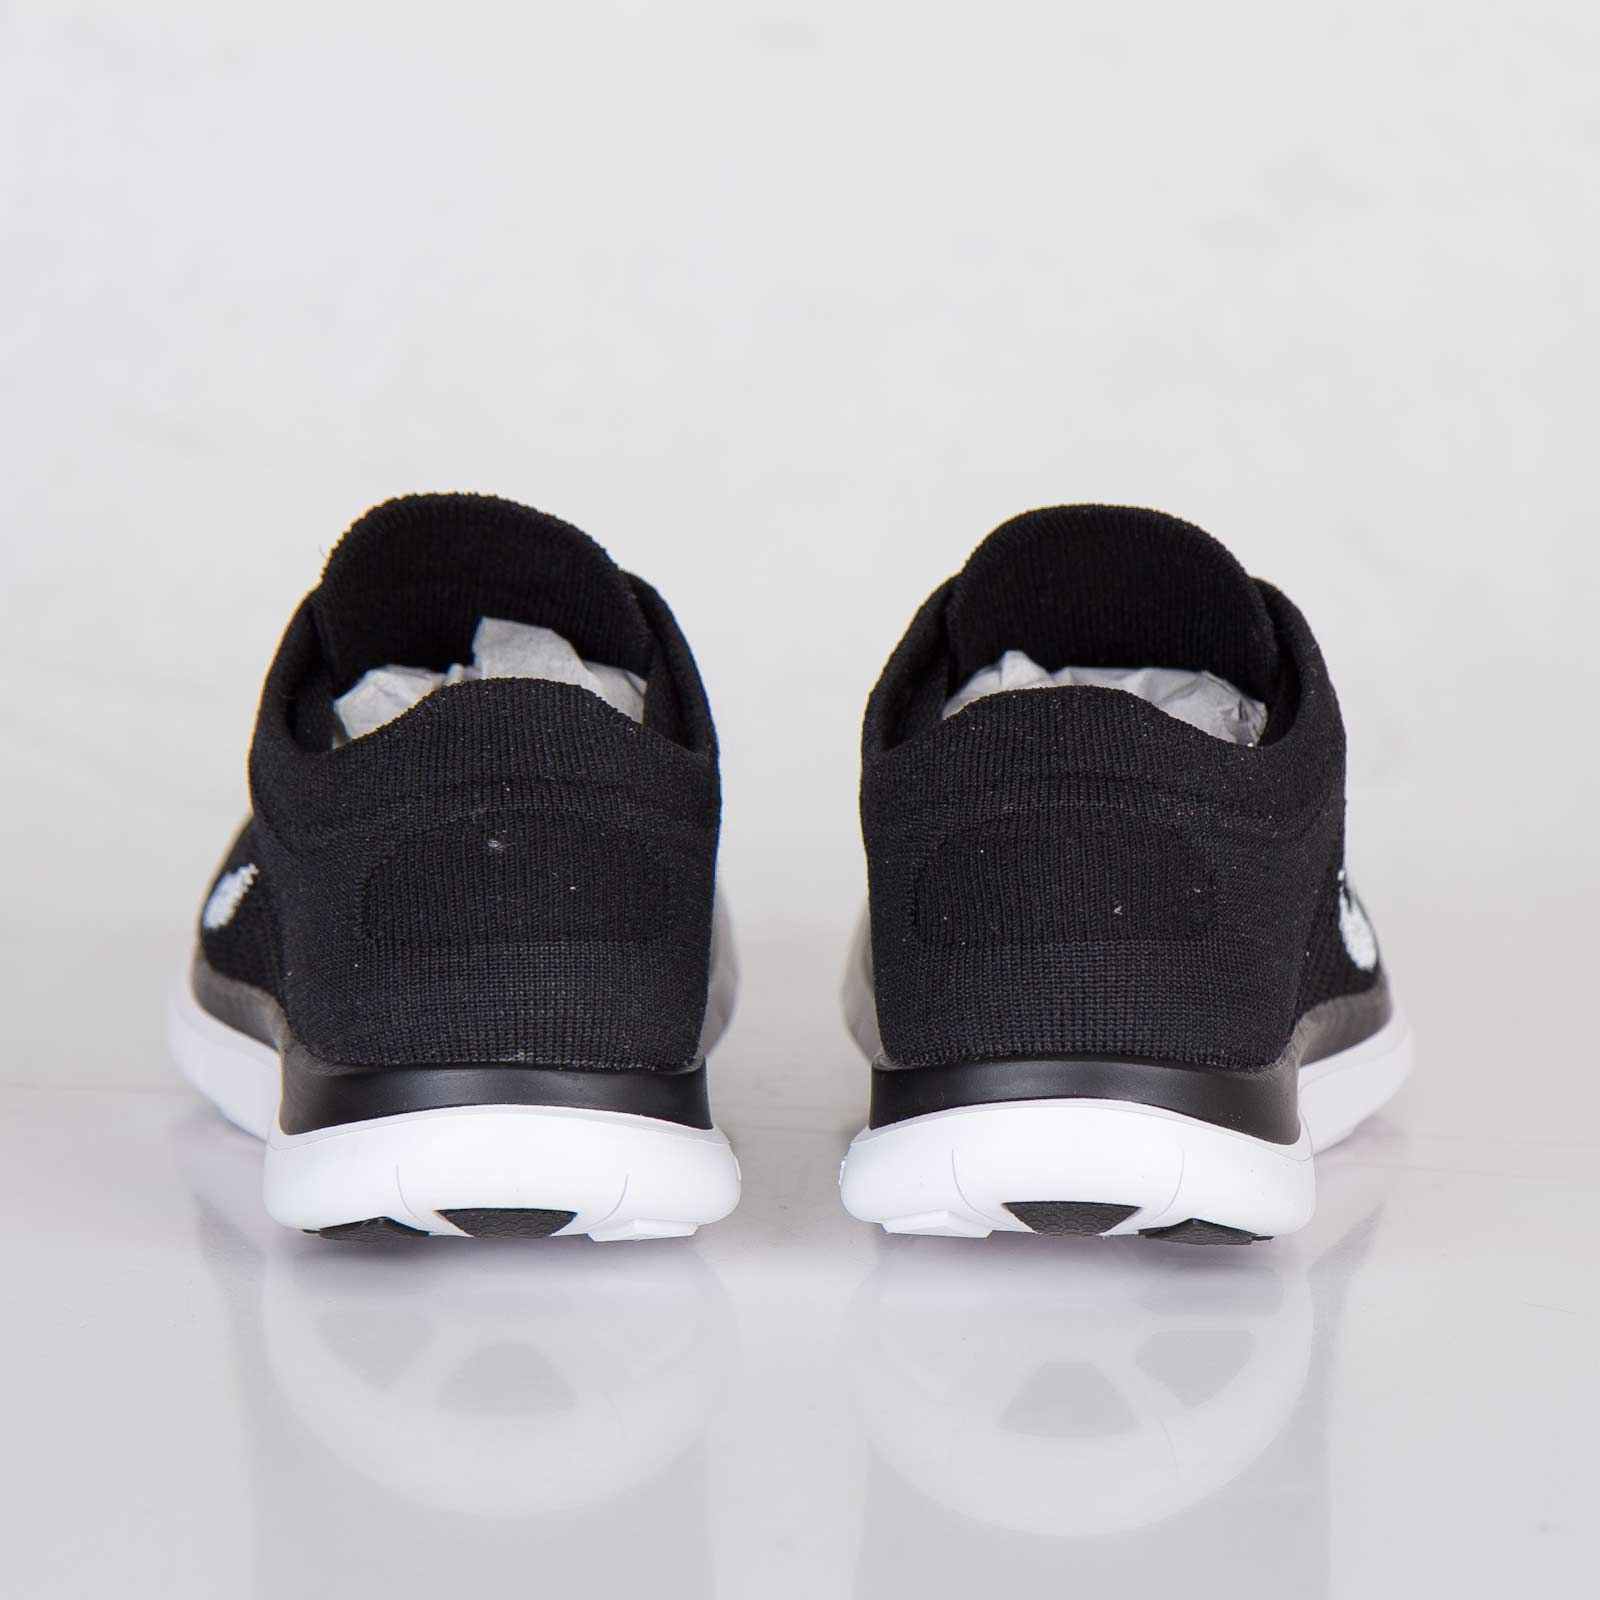 the latest 9f771 839ba Nike Wmns Free Flyknit 4.0 - 631050-001 - Sneakersnstuff   sneakers    streetwear online since 1999